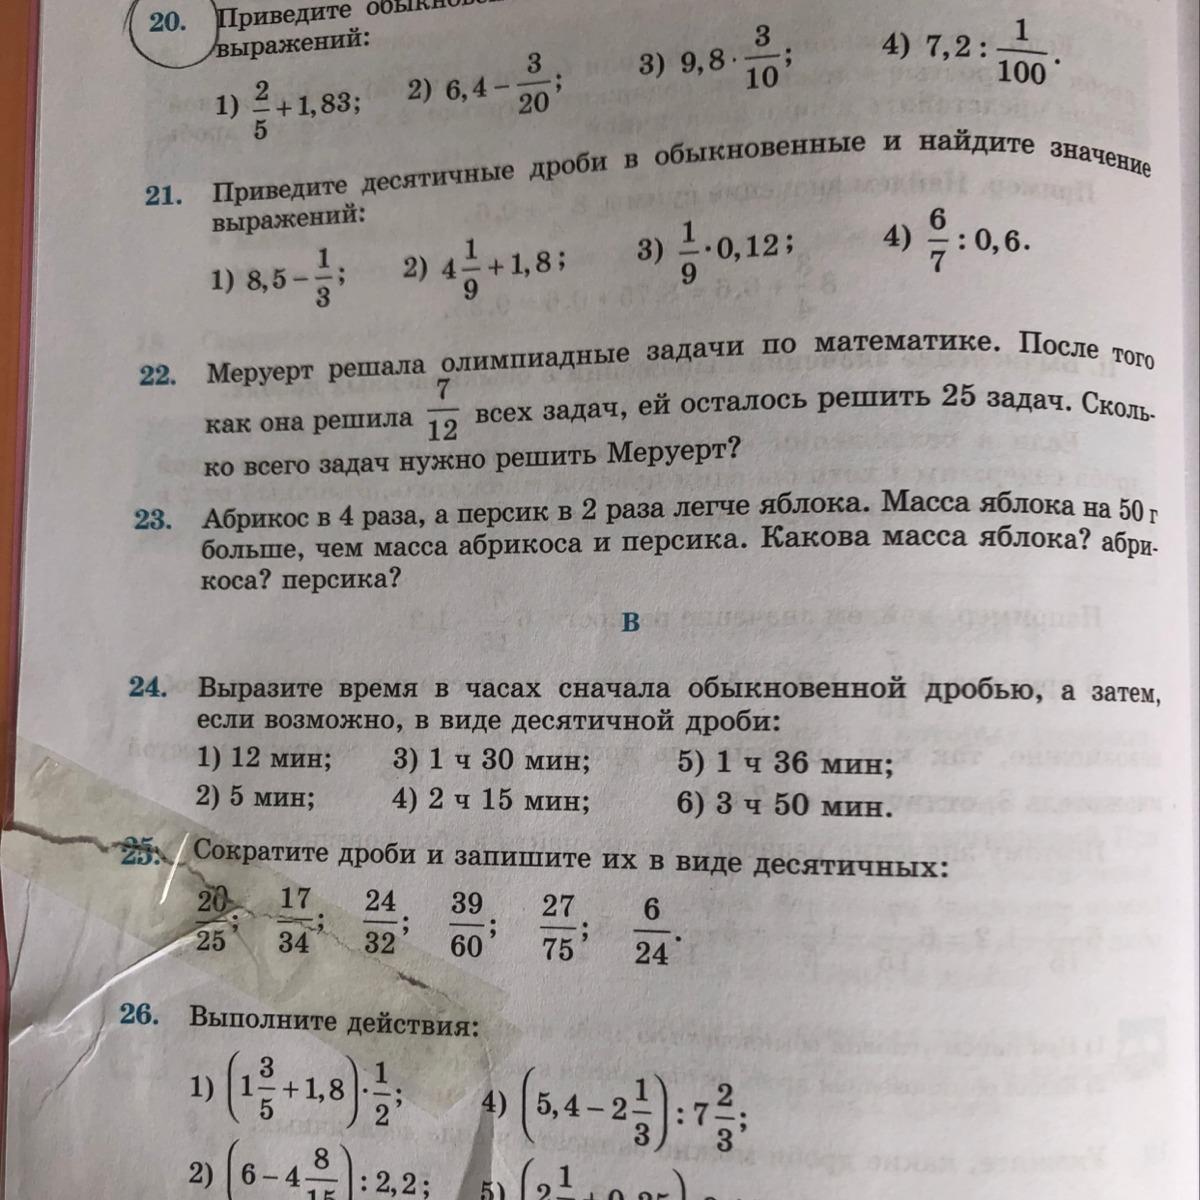 Мерует решила олимпиадные задачи по математике теории международной торговли решение задач